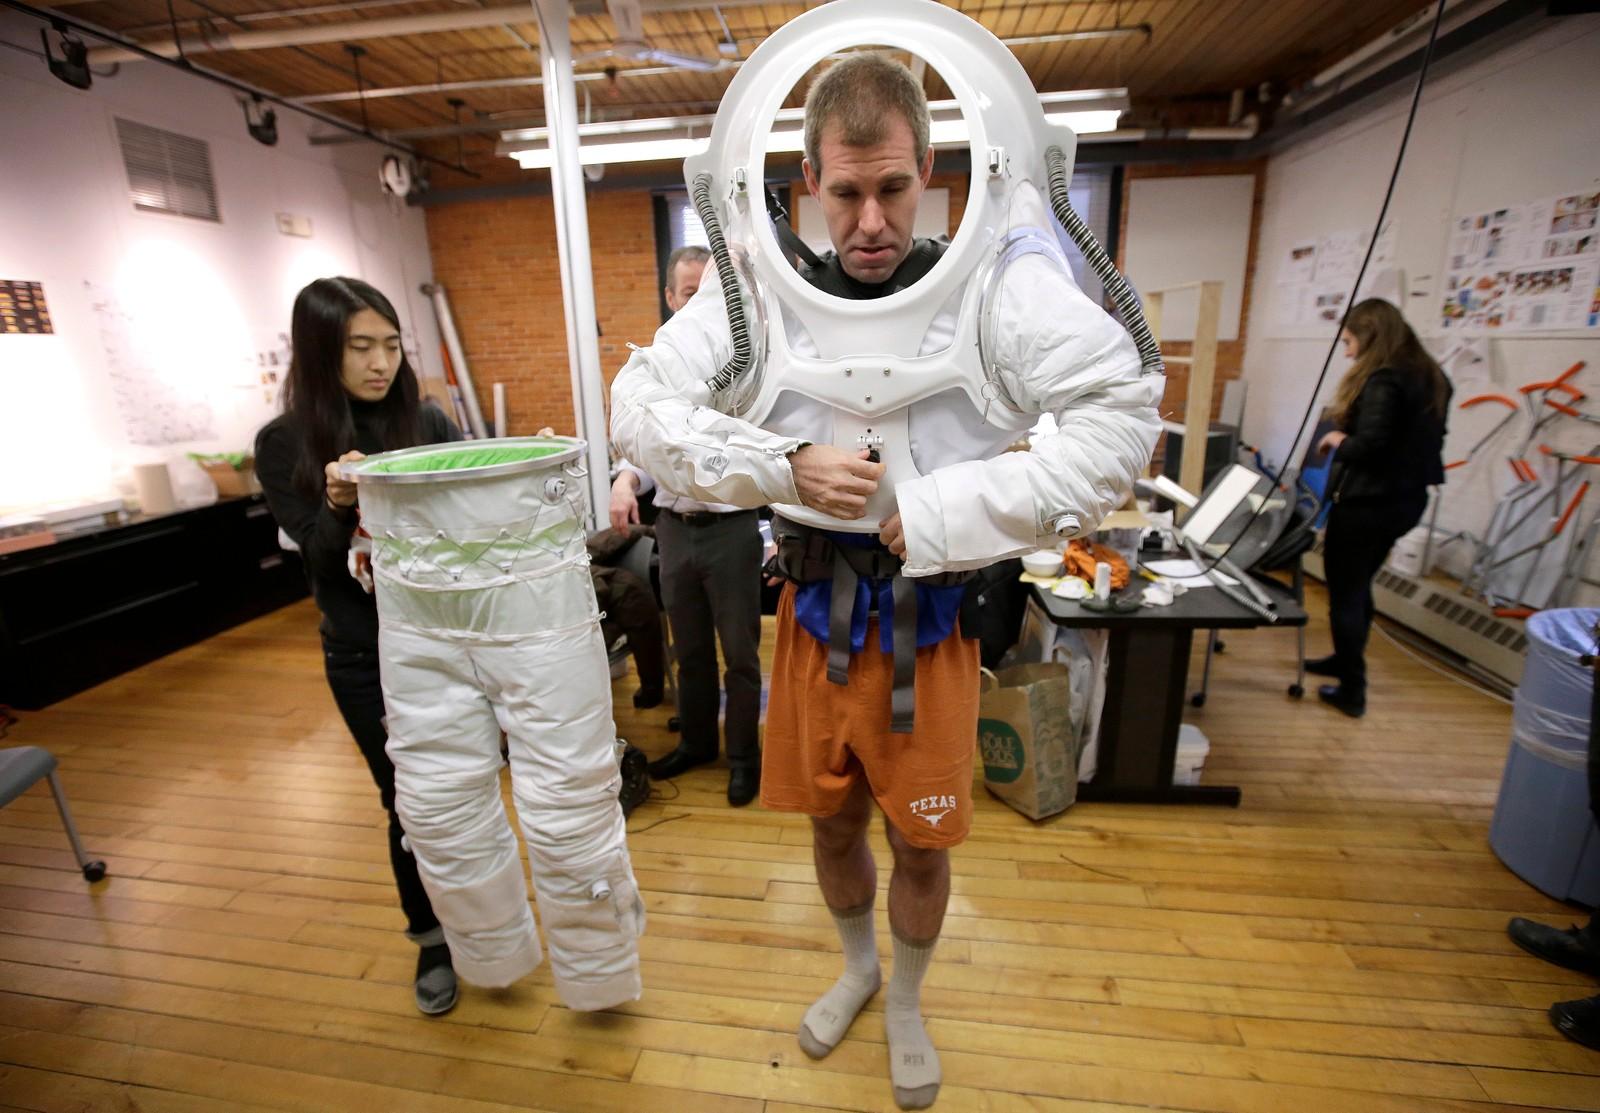 Hva skal man ha på seg på Mars? Det er neppe et spørsmål du trenger å stille deg foran klesskapet med det første. Men designstudent Erica Kim prøver her ut en ny versjon av en drakt laget med nettopp Mars i tankene.